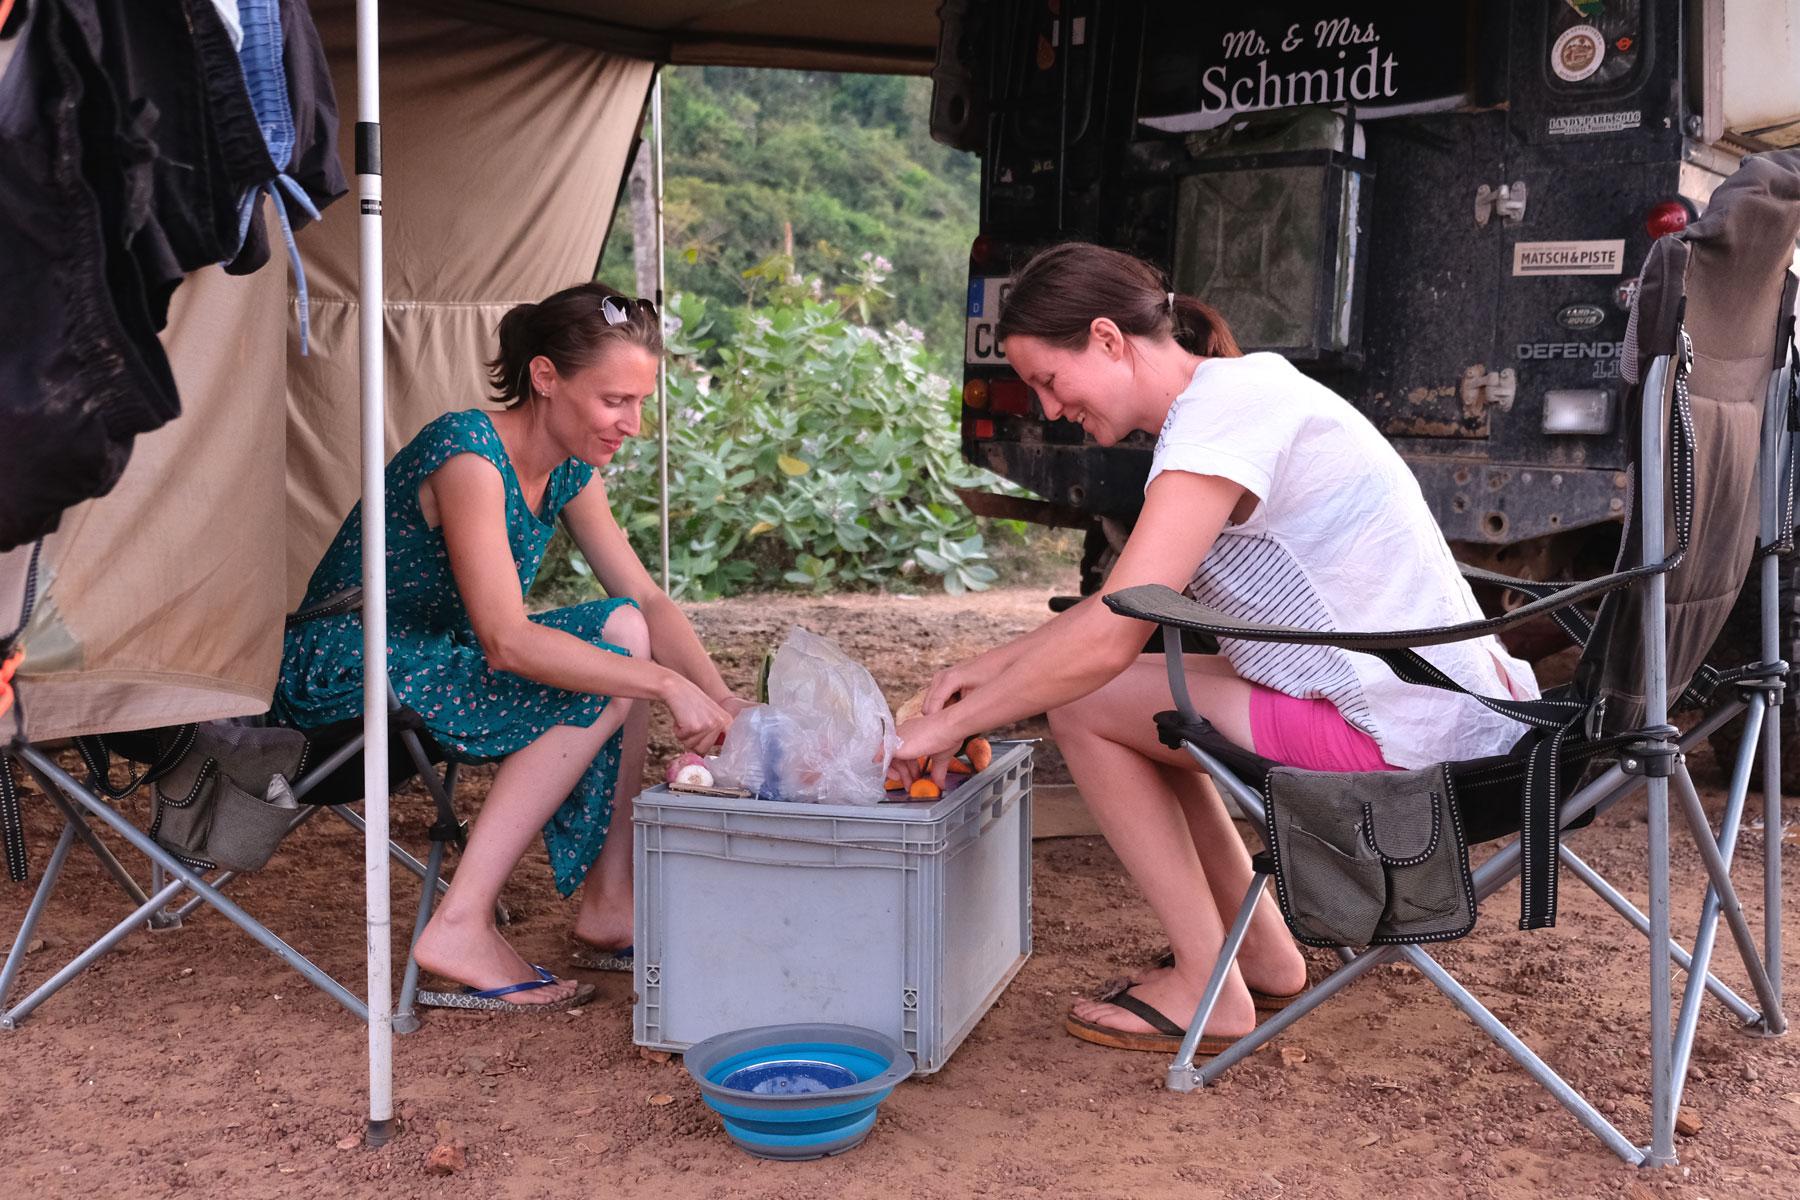 Leo sitzt mit Claudia auf Campingstühlen und schneidet Gemüse.